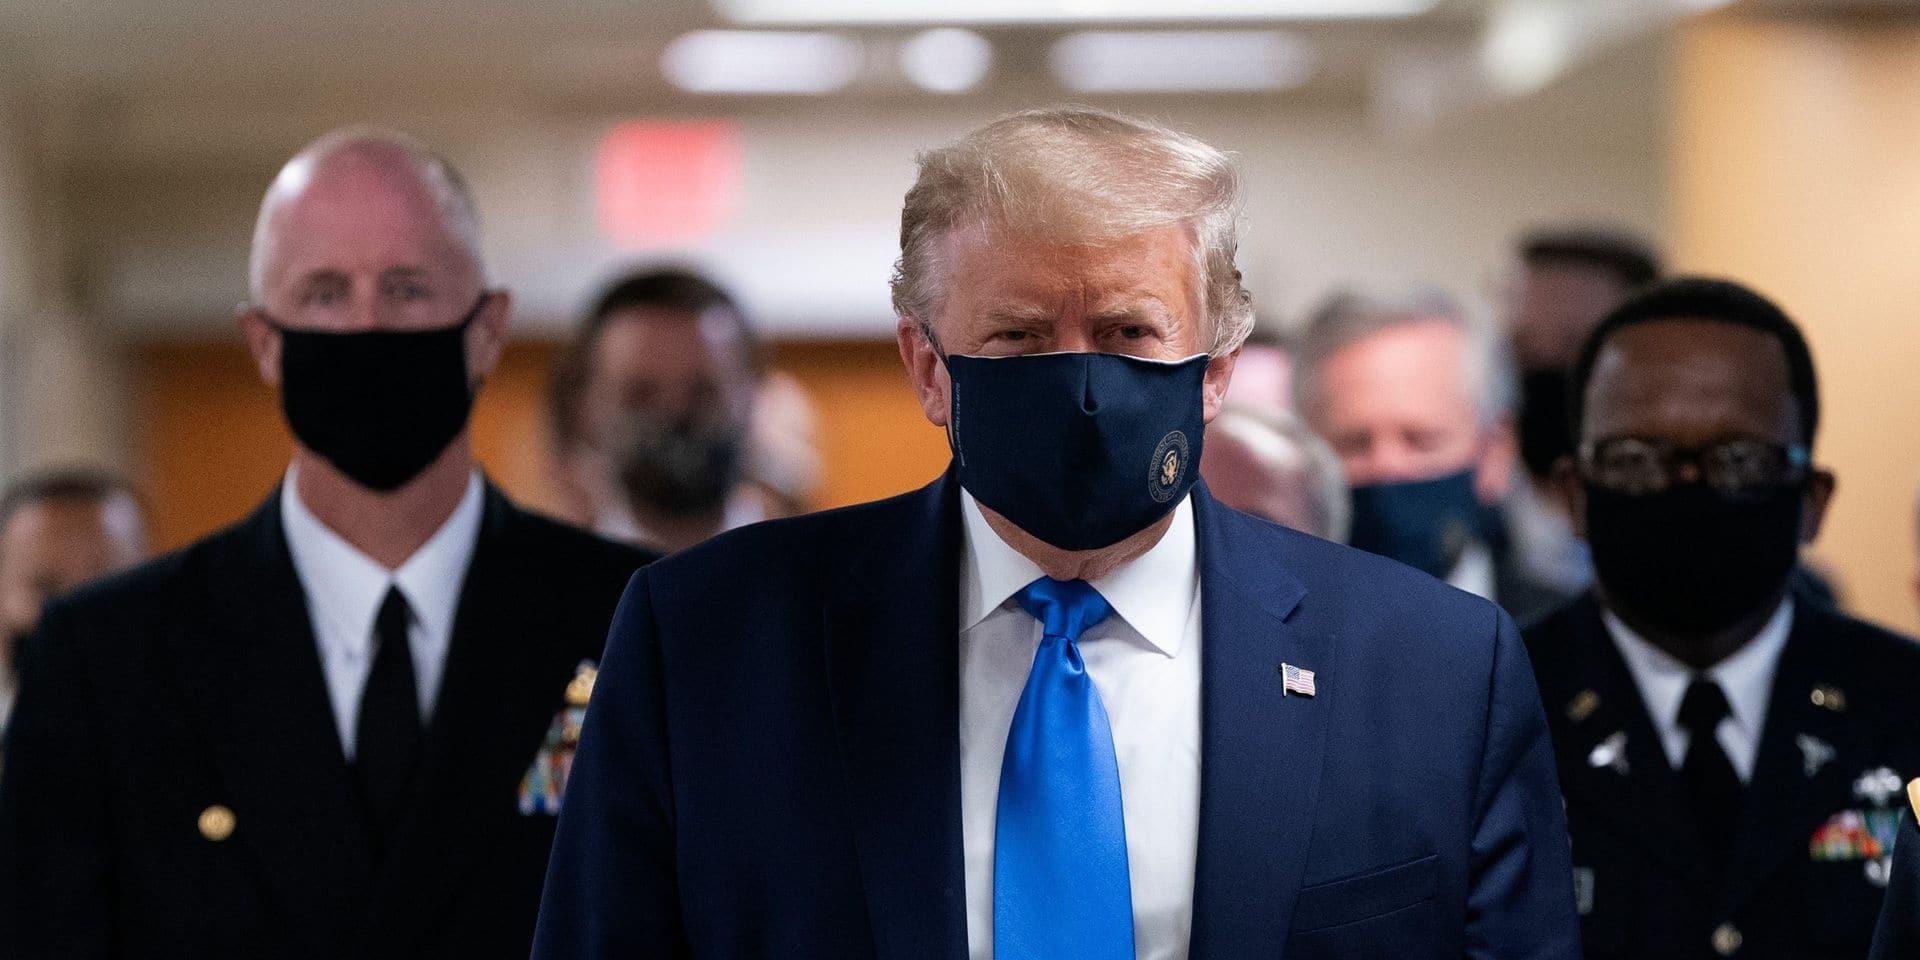 Coronavirus dans le monde: Trump persiste et signe, accords pour 90 millions de doses de vaccin supplémentaires en Grande-Bretagne